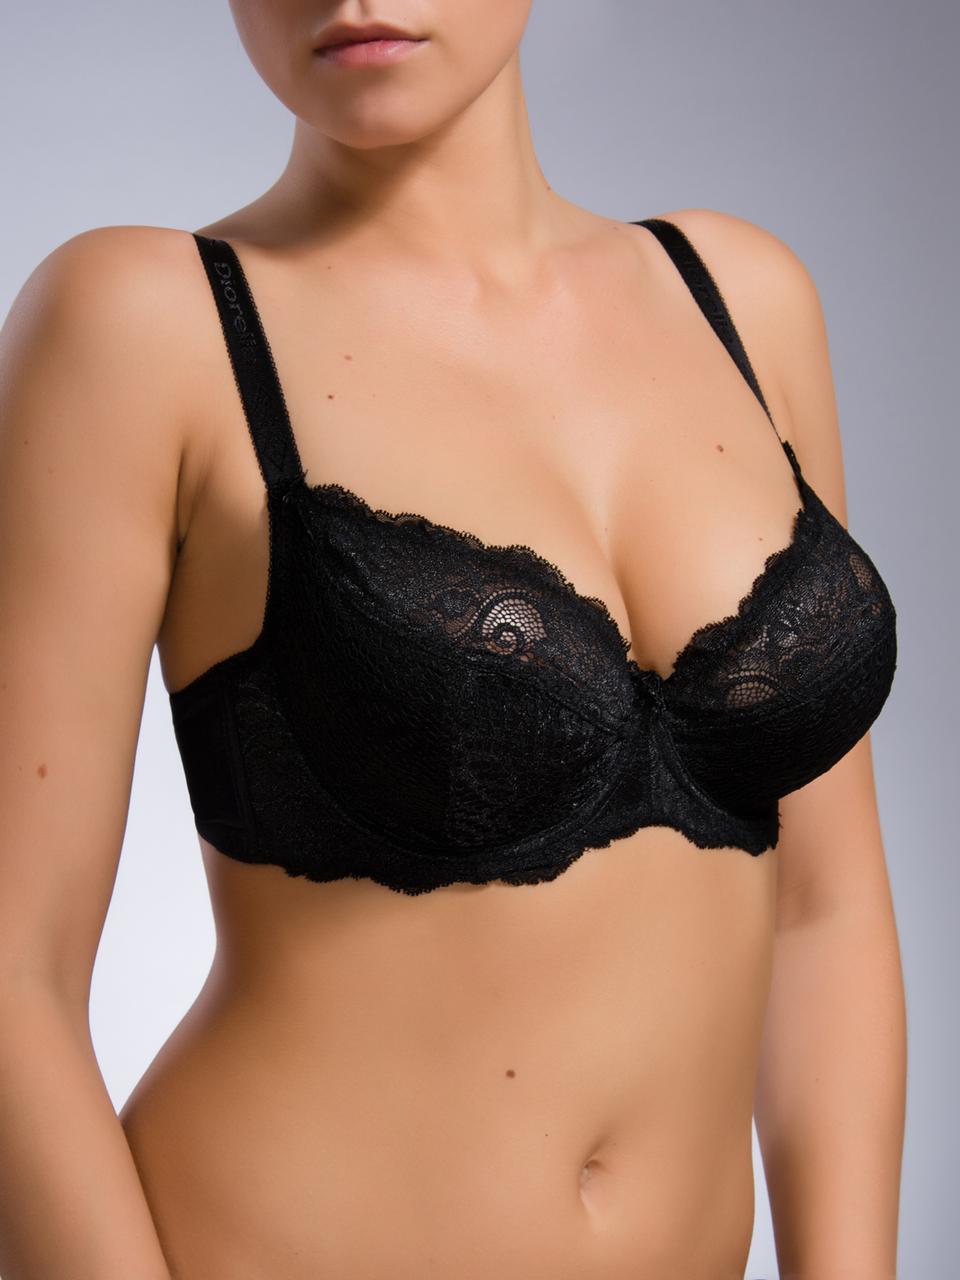 Бюстгальтер Diorella 35962D, цвет Черный, размер 85D